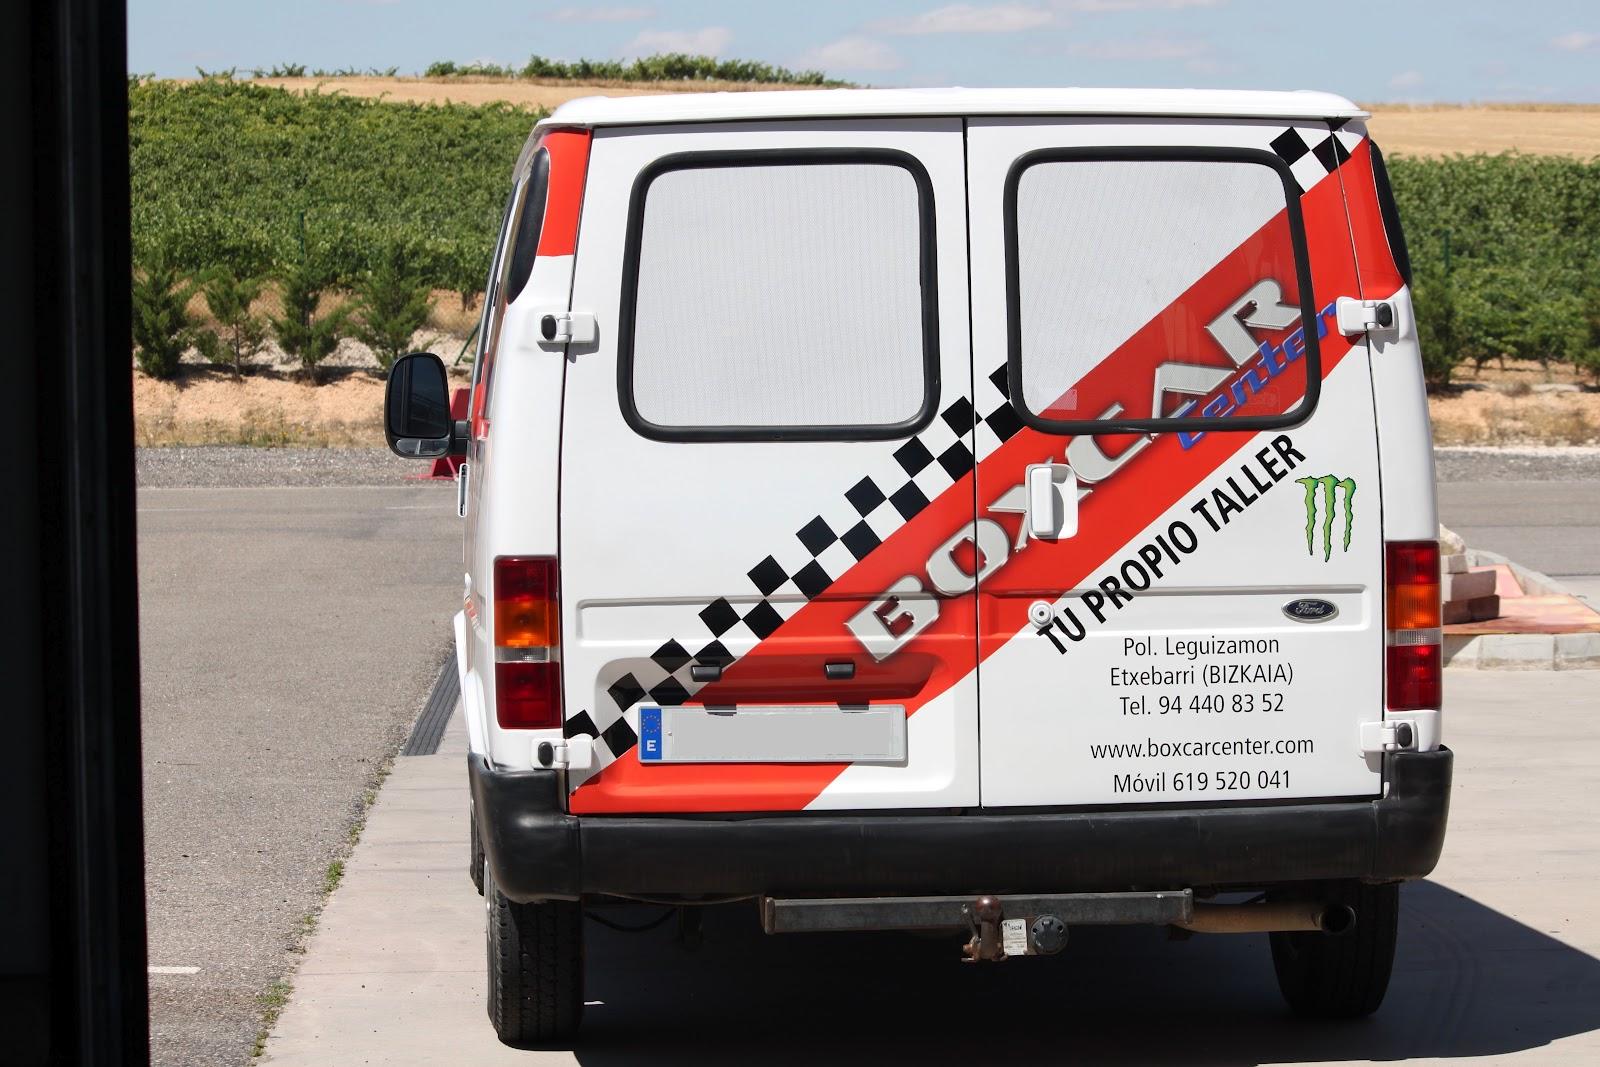 Circuito Kotarr : Tandas circuito kotarr de marzo club mazda españa